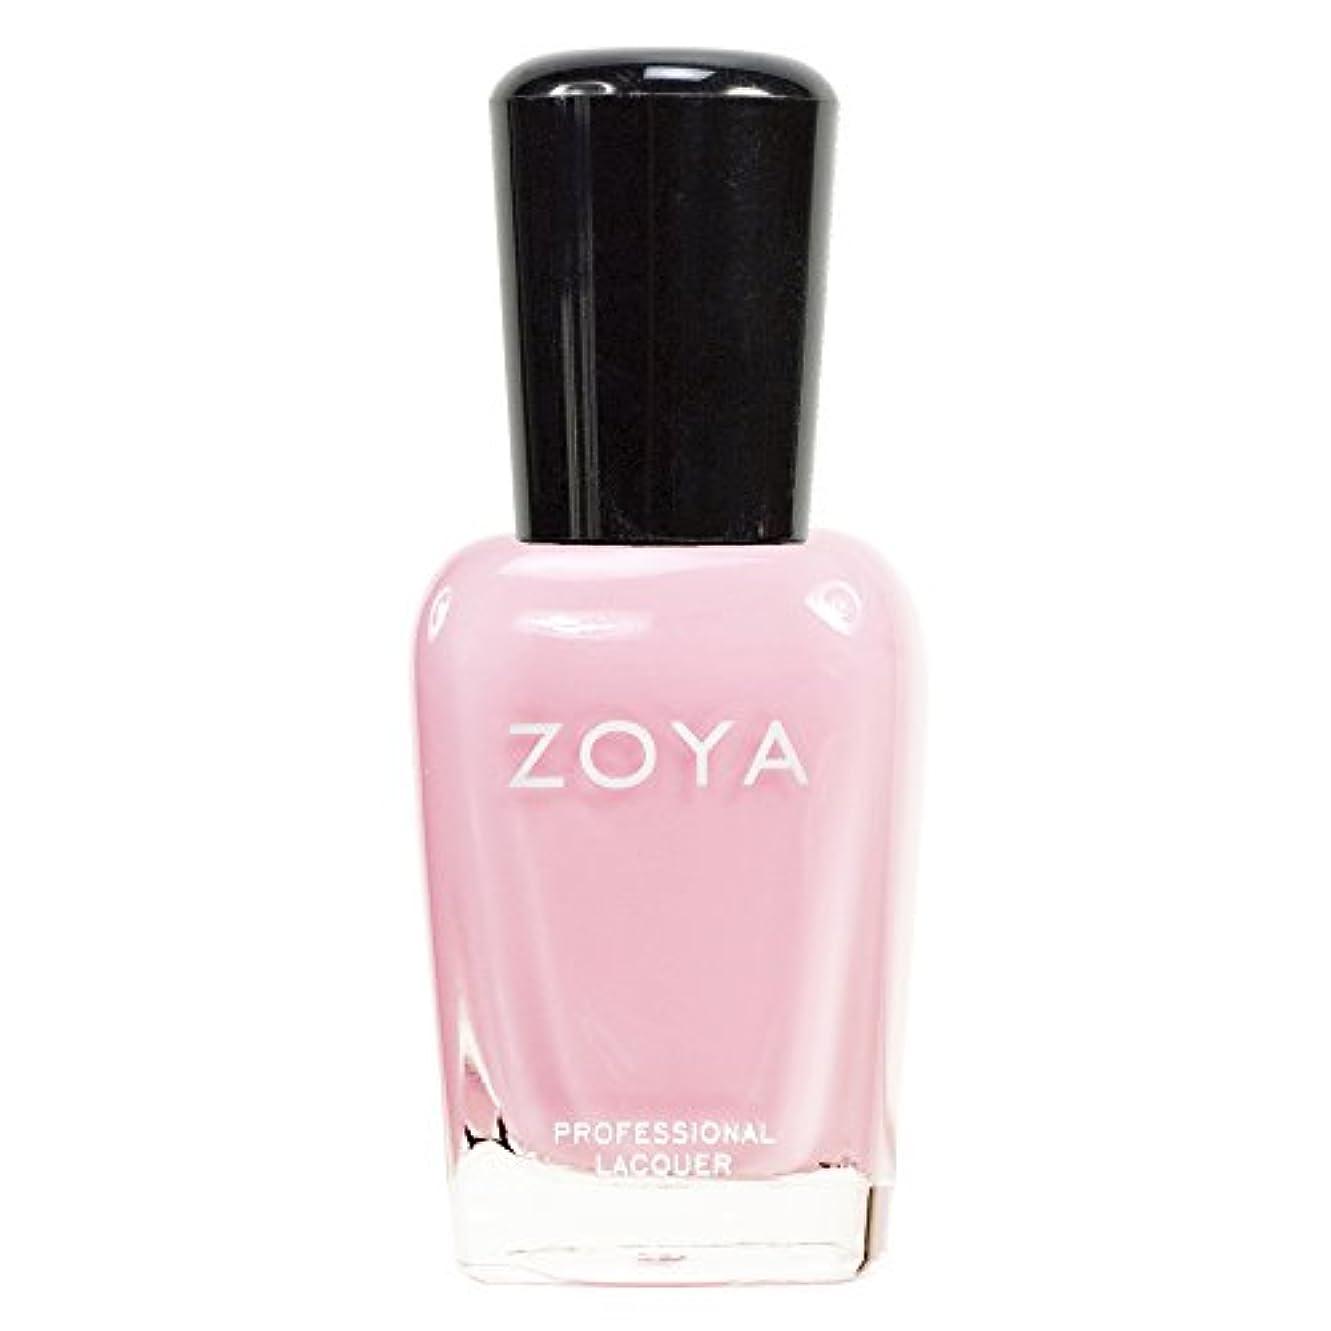 ZOYA ゾーヤ ネイルカラーZP315 BELA ベラ 15ml 淡く優しいクリーミーなピンク マット 爪にやさしいネイルラッカーマニキュア